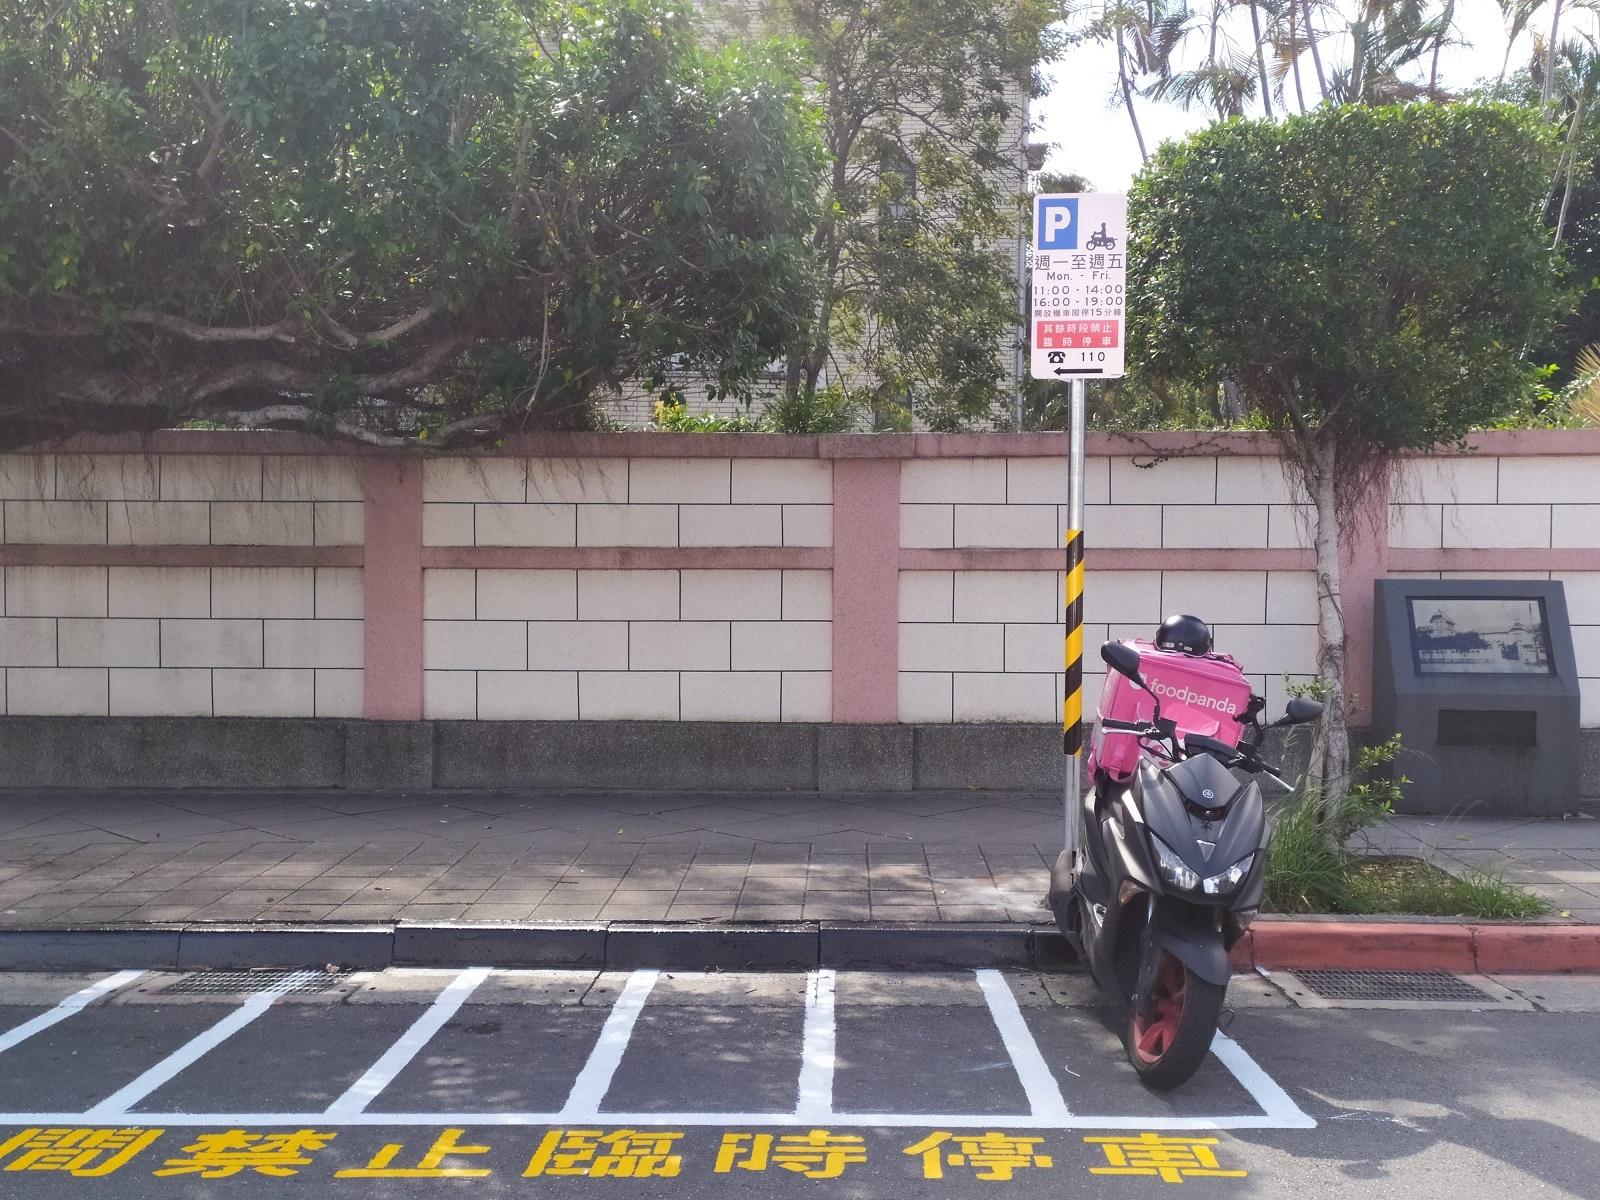 臺北市停車管理工程處為解決機車接送、外送等短暫停放需求,在北一女旁貴陽街1段設置時段性限時機車停車格位。台北市政府提供